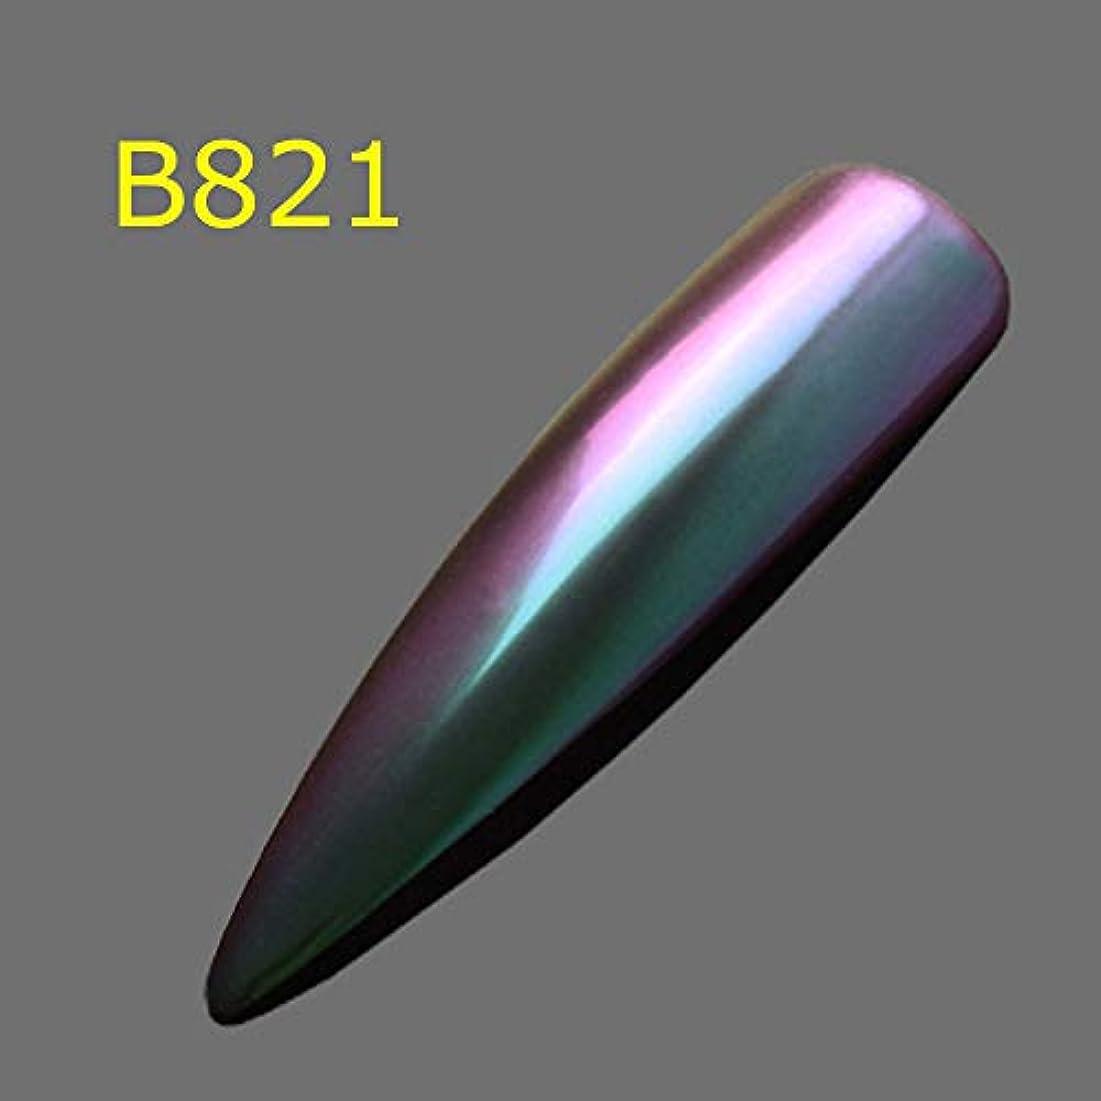 1ピースキラキラカメレオンフレークマジック効果グラデーションホログラフィックカラーネイルグリッターパウダーダストポリッシュジェルマニキュアSAB801-8800 B821